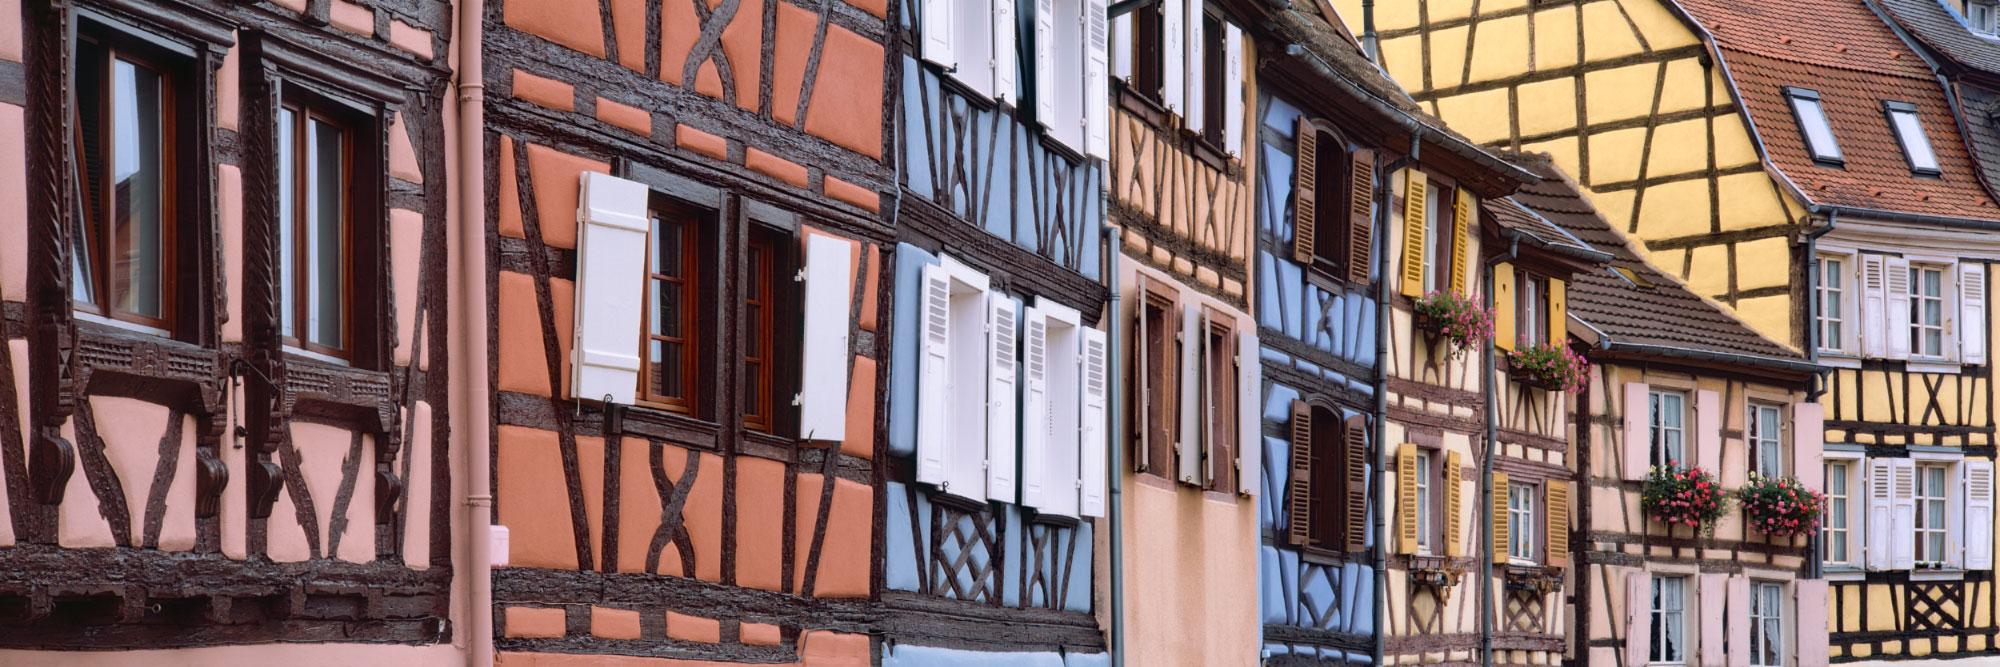 Rue de Colmar